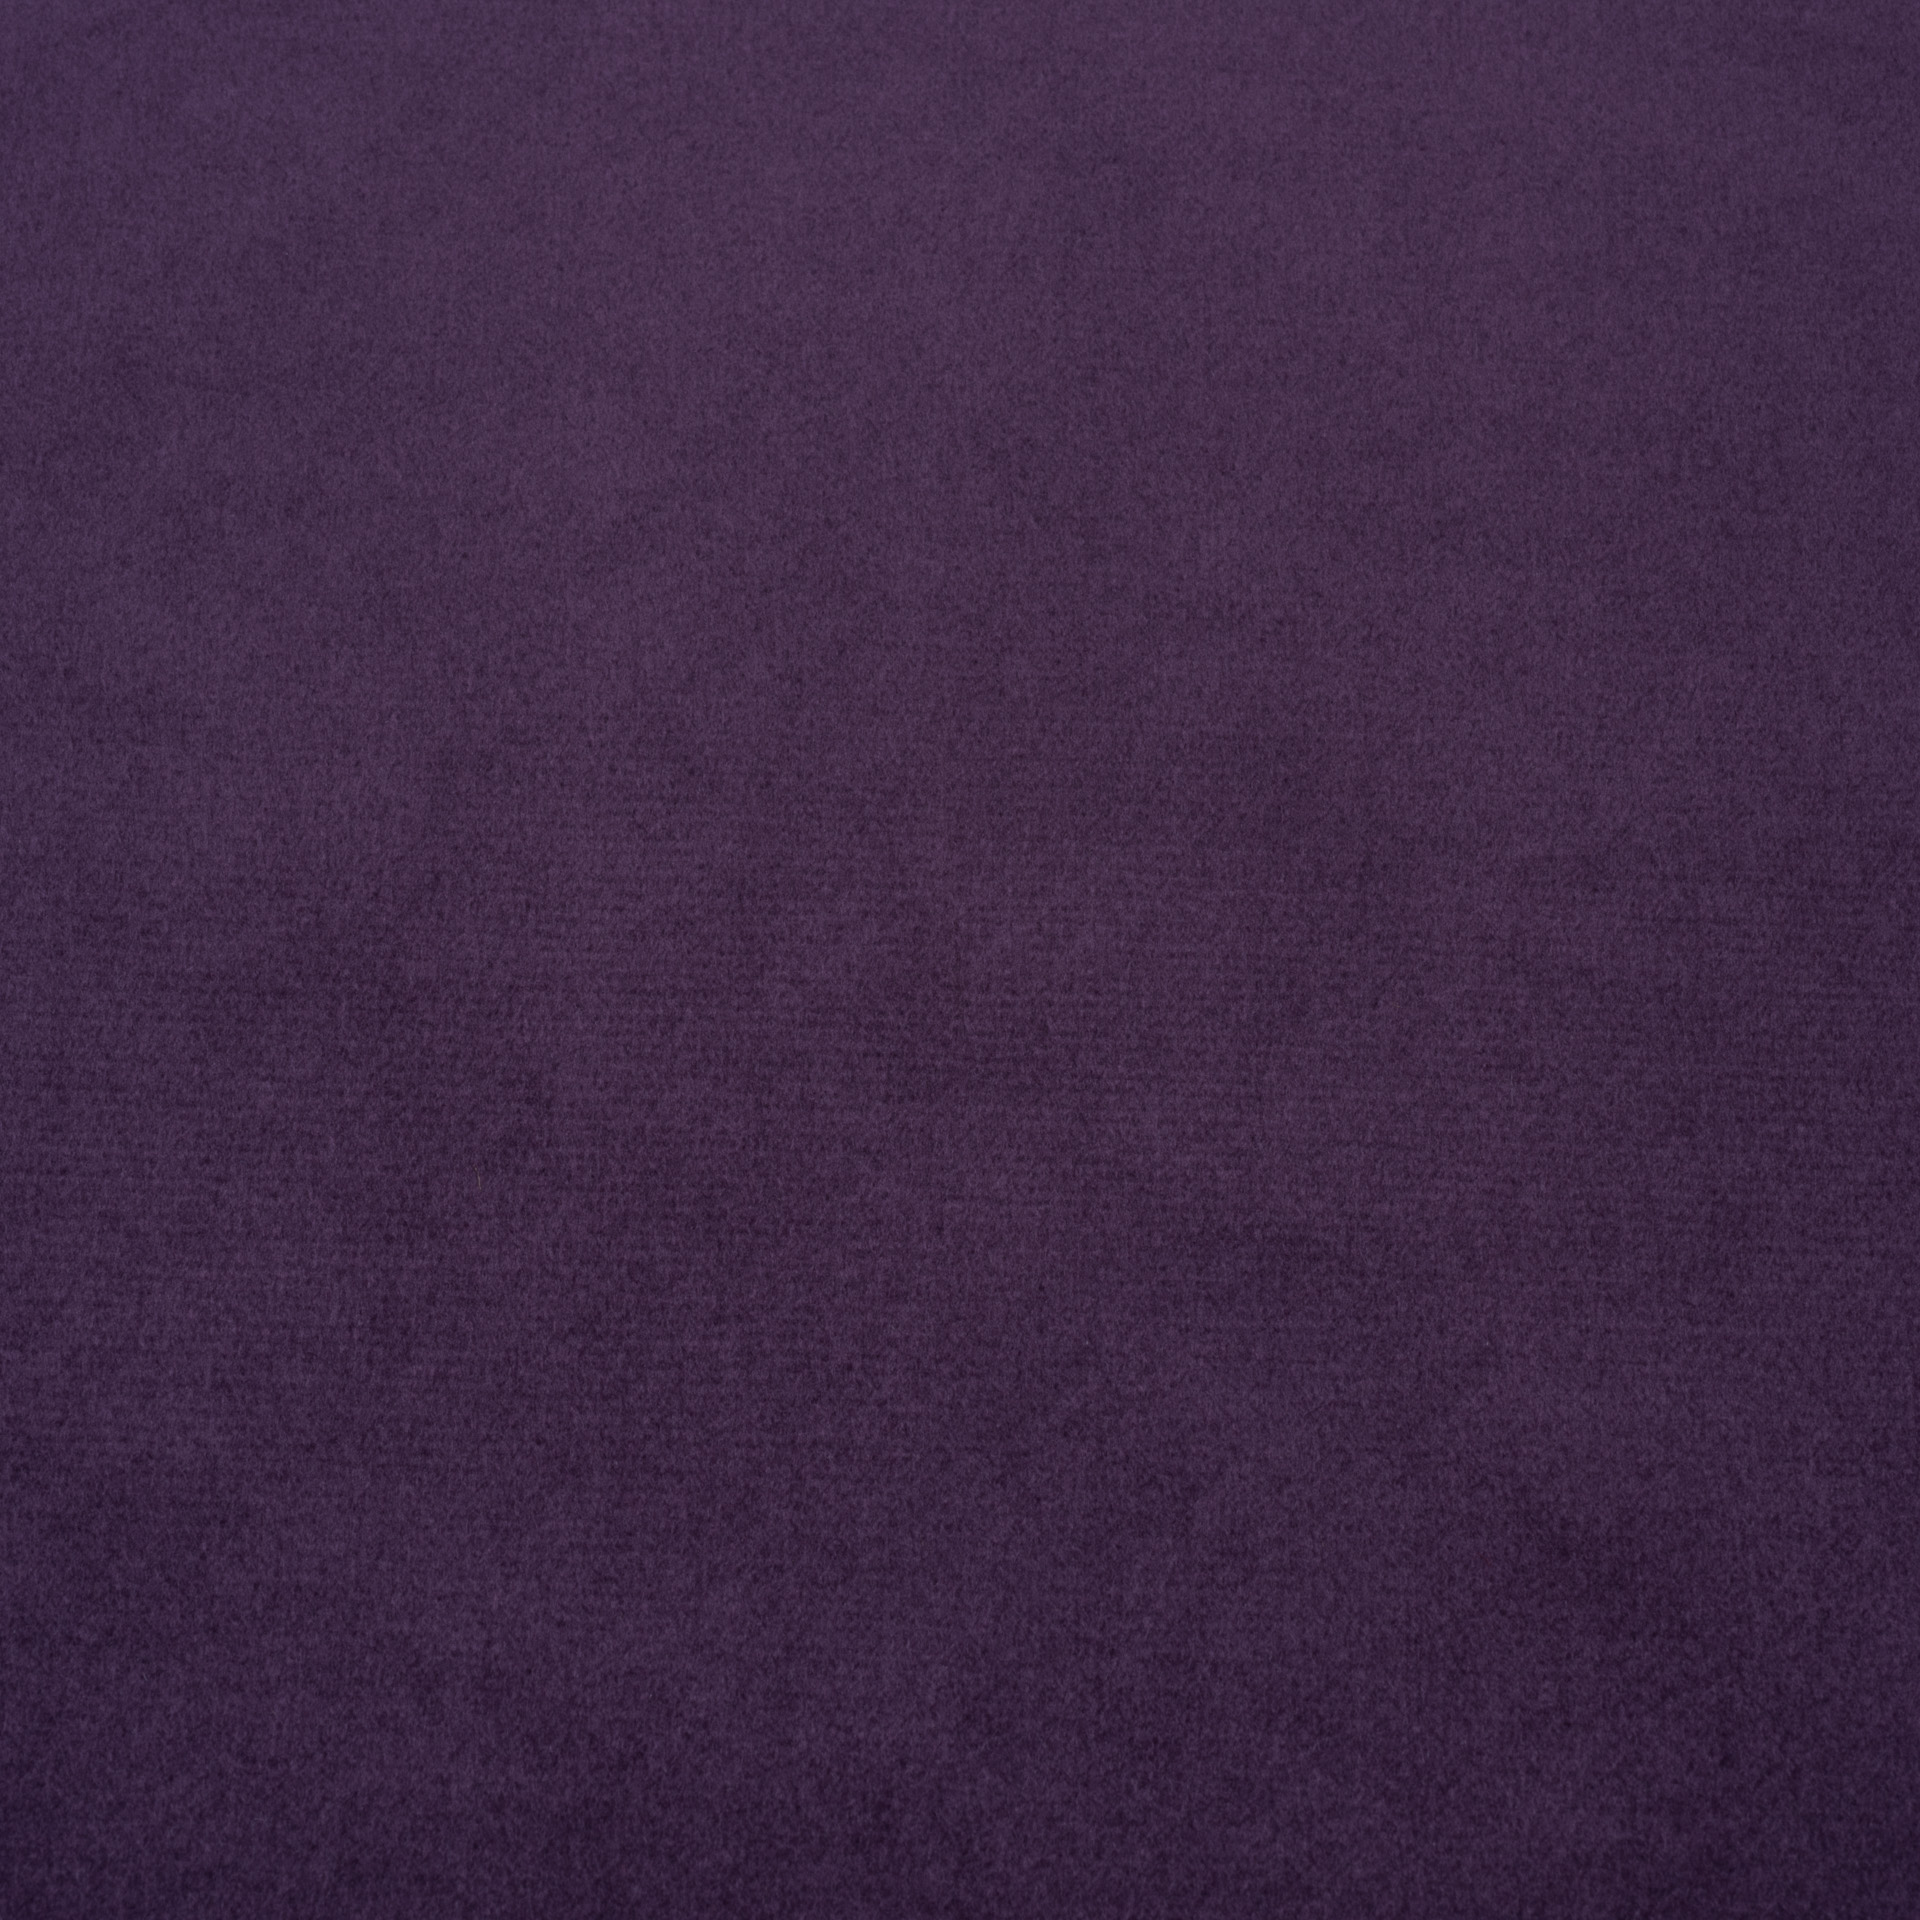 Коллекция ткани Багира 10 DARK PURPLE,  купить ткань Велюр для мебели Украина